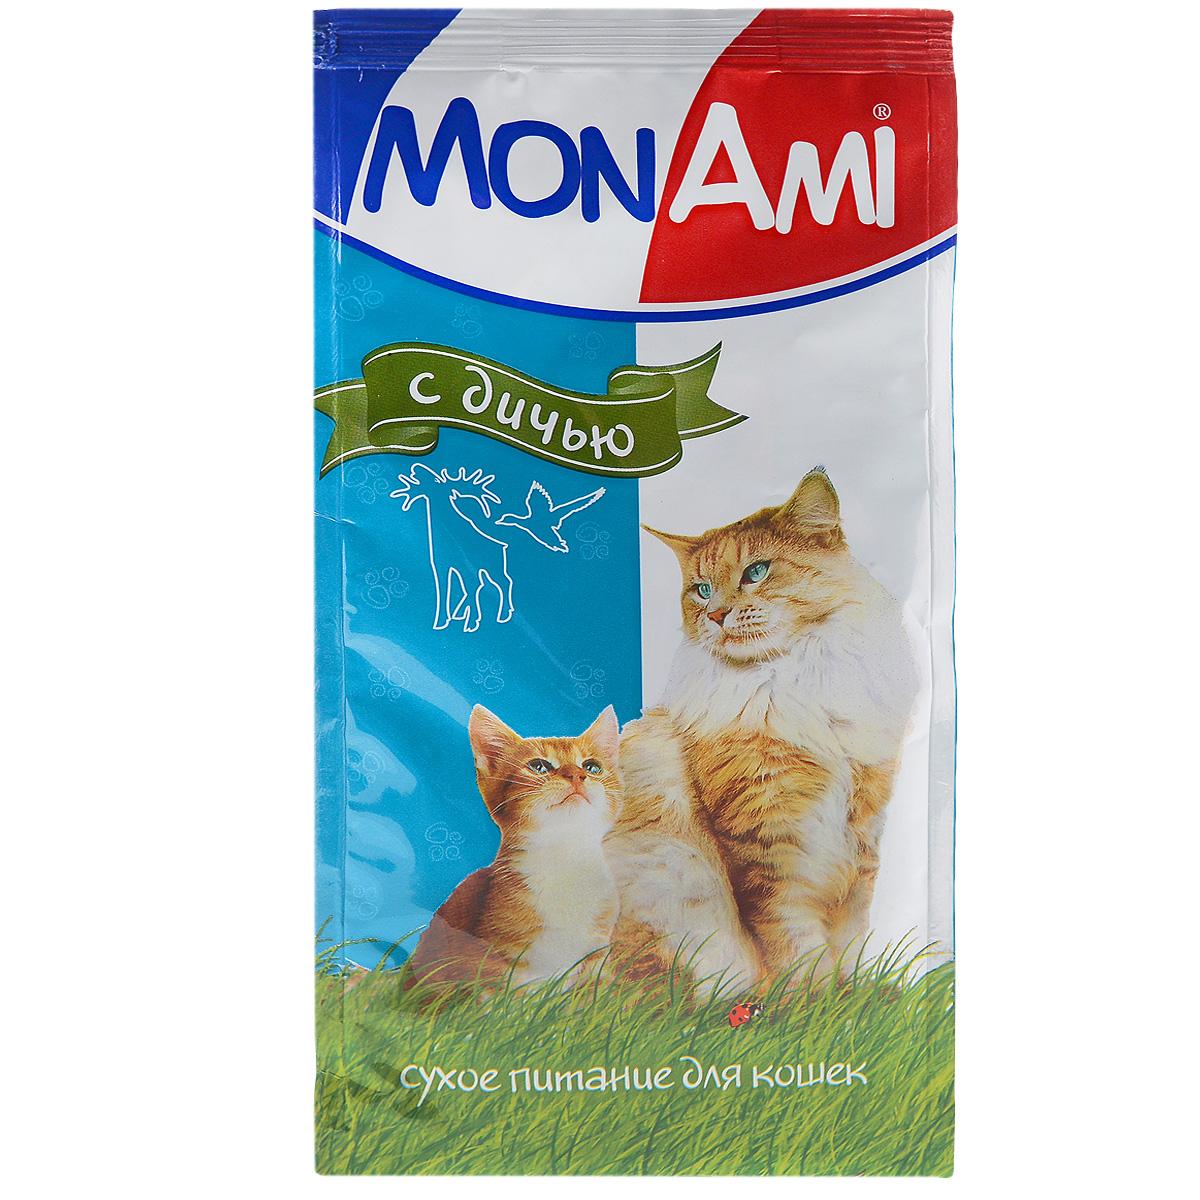 Корм сухой для кошек Mon Ami, с дичью, 400 г59312Сухой корм для кошек Mon Ami - это полноценное сбалансированное питание для кошек, разработанное с использованием современных технологий. Особенности рациона: Необходимое сочетание ингредиентов для достижения правильной усвояемости питательных веществ организмом. Источник линолевой кислоты и правильного уровня витаминов группы В благотворно влияют на кожу и шерсть. Состав: злаки, экстракт белка растительного происхождения, мясо и мясопродукты (в т.ч. дичь), подсолнечное масло, минеральные добавки, пульпа сахарной свеклы (жом), витамины, пивные дрожжи, антиоксидант. Анализ: сырой протеин 30%, сырой жир 10%, сырая зола 7%, сырая клетчатка 2,5%, влажность 10%, фосфор 0,9%, кальций 1,05%, витамин А 5000 МЕ/кг, витамин Д 500 МЕ/кг, витамин Е 30 мг/кг. Энергетическая ценность: 333 ккал/100 г. Товар сертифицирован.